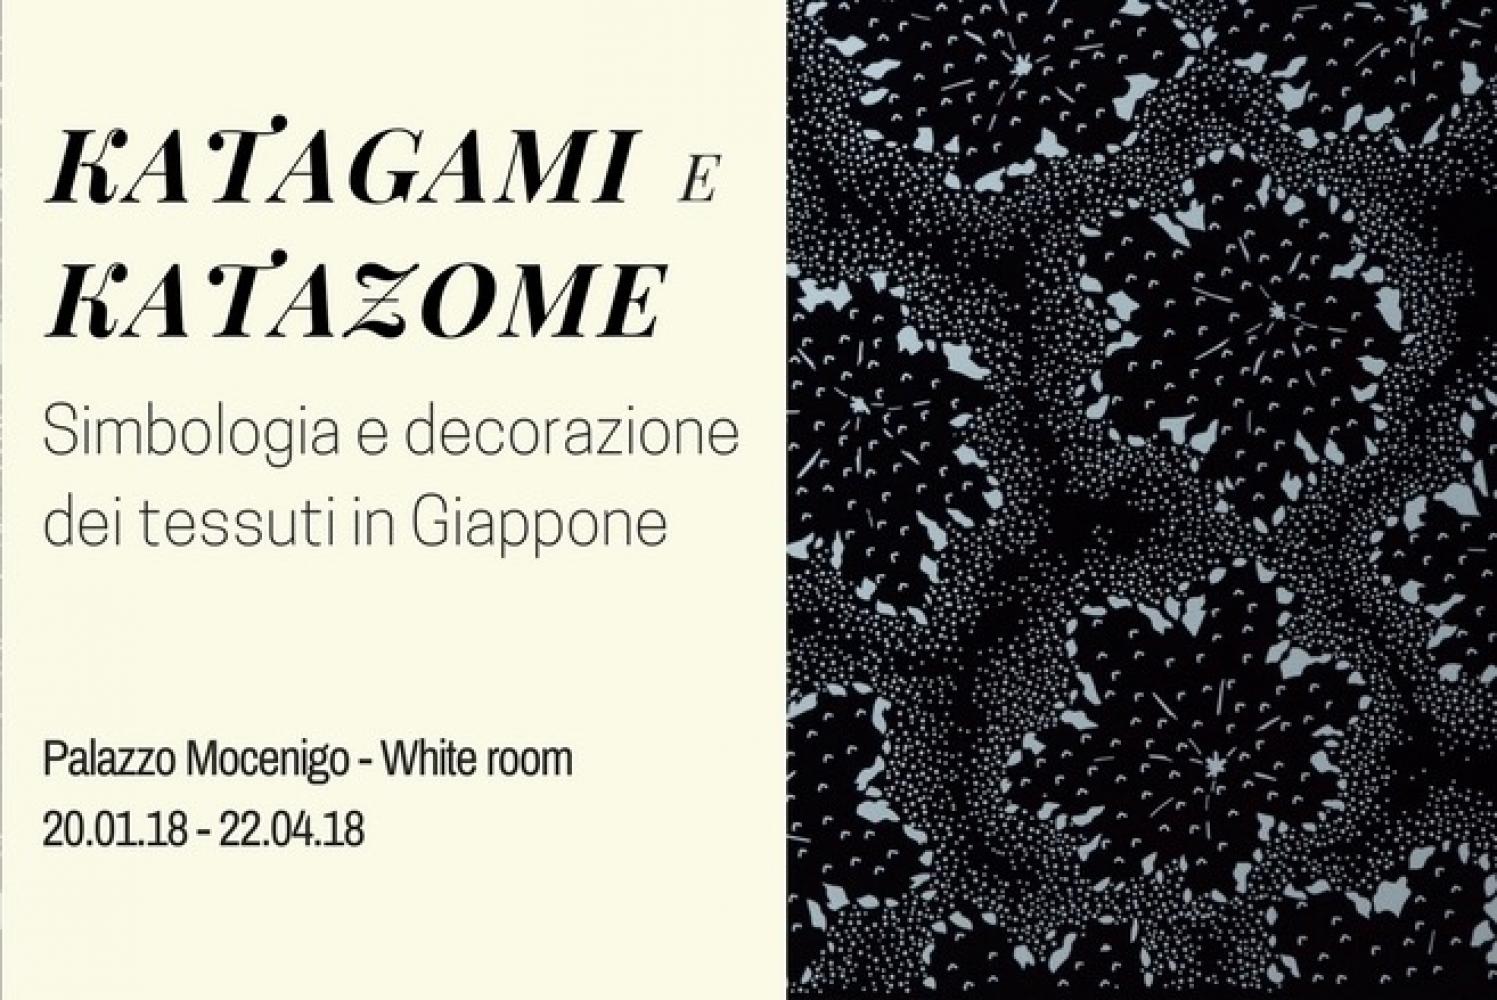 KATAGAMI E KATAZOME. Simbologia e decorazione dei tessuti in Giappone